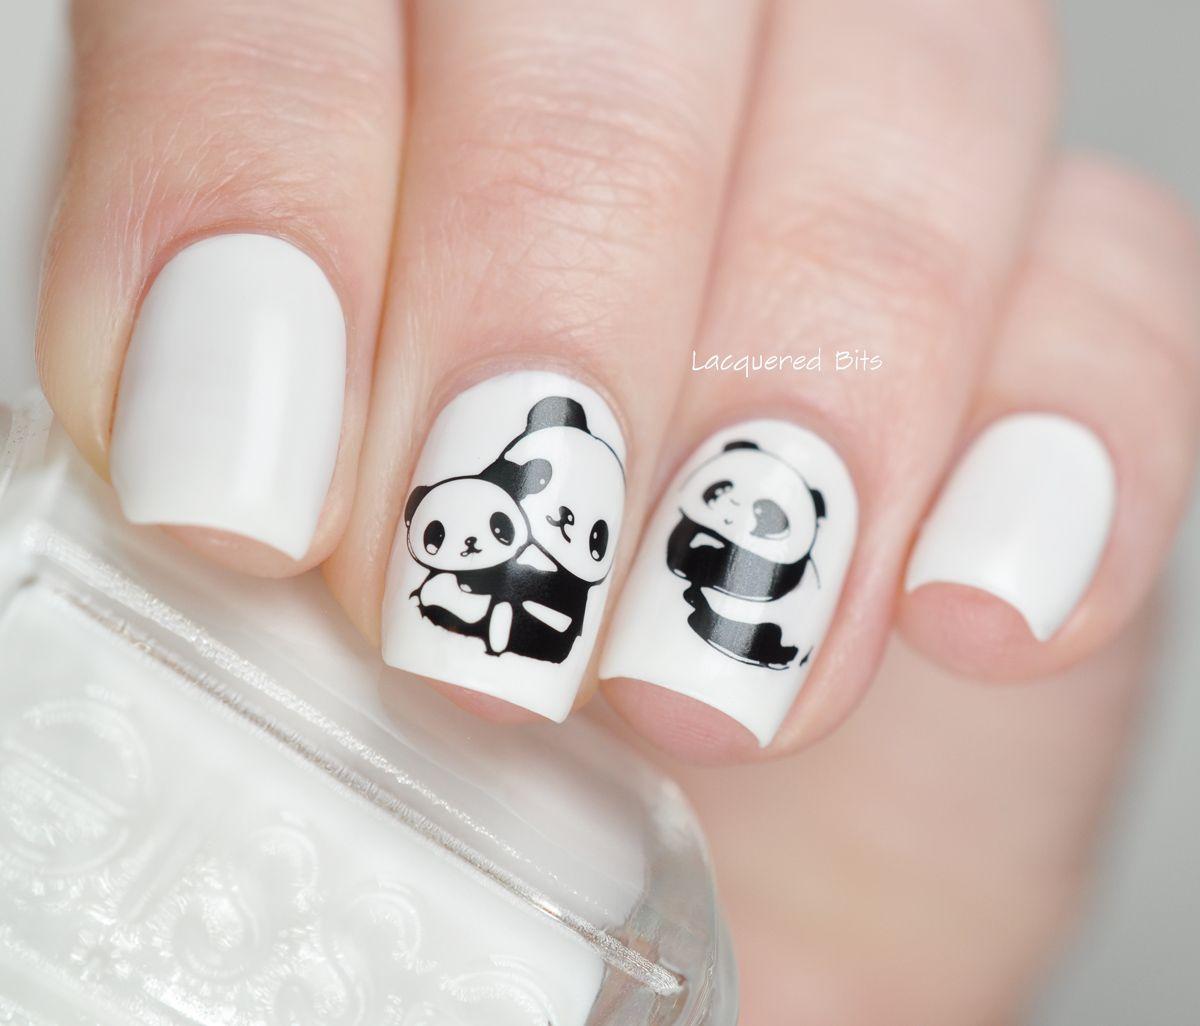 Panda Nail Art: Nail Designs, Panda Nail Art